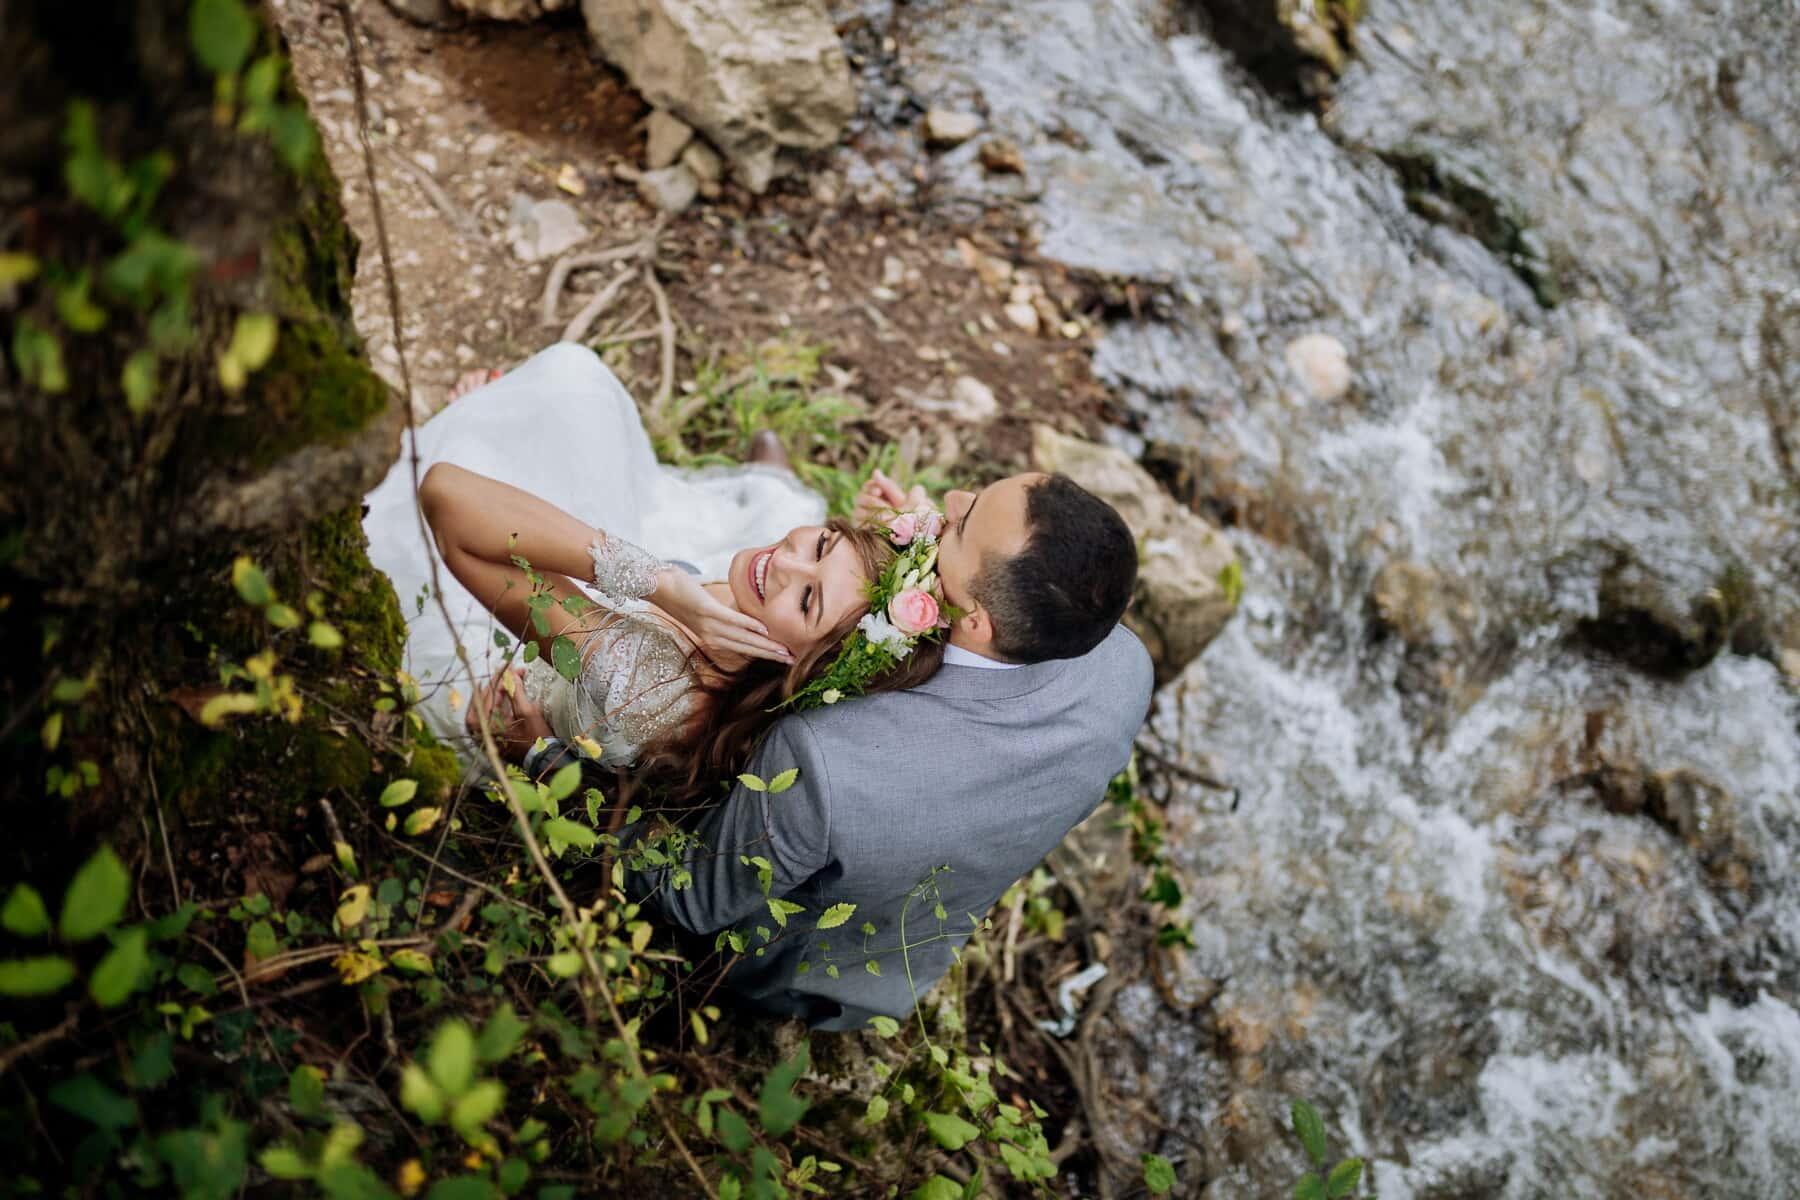 folyóparton, barátnő, barátja, gyönyörű, hercegnő, csinos lány, természet, fa, szabadban, levél